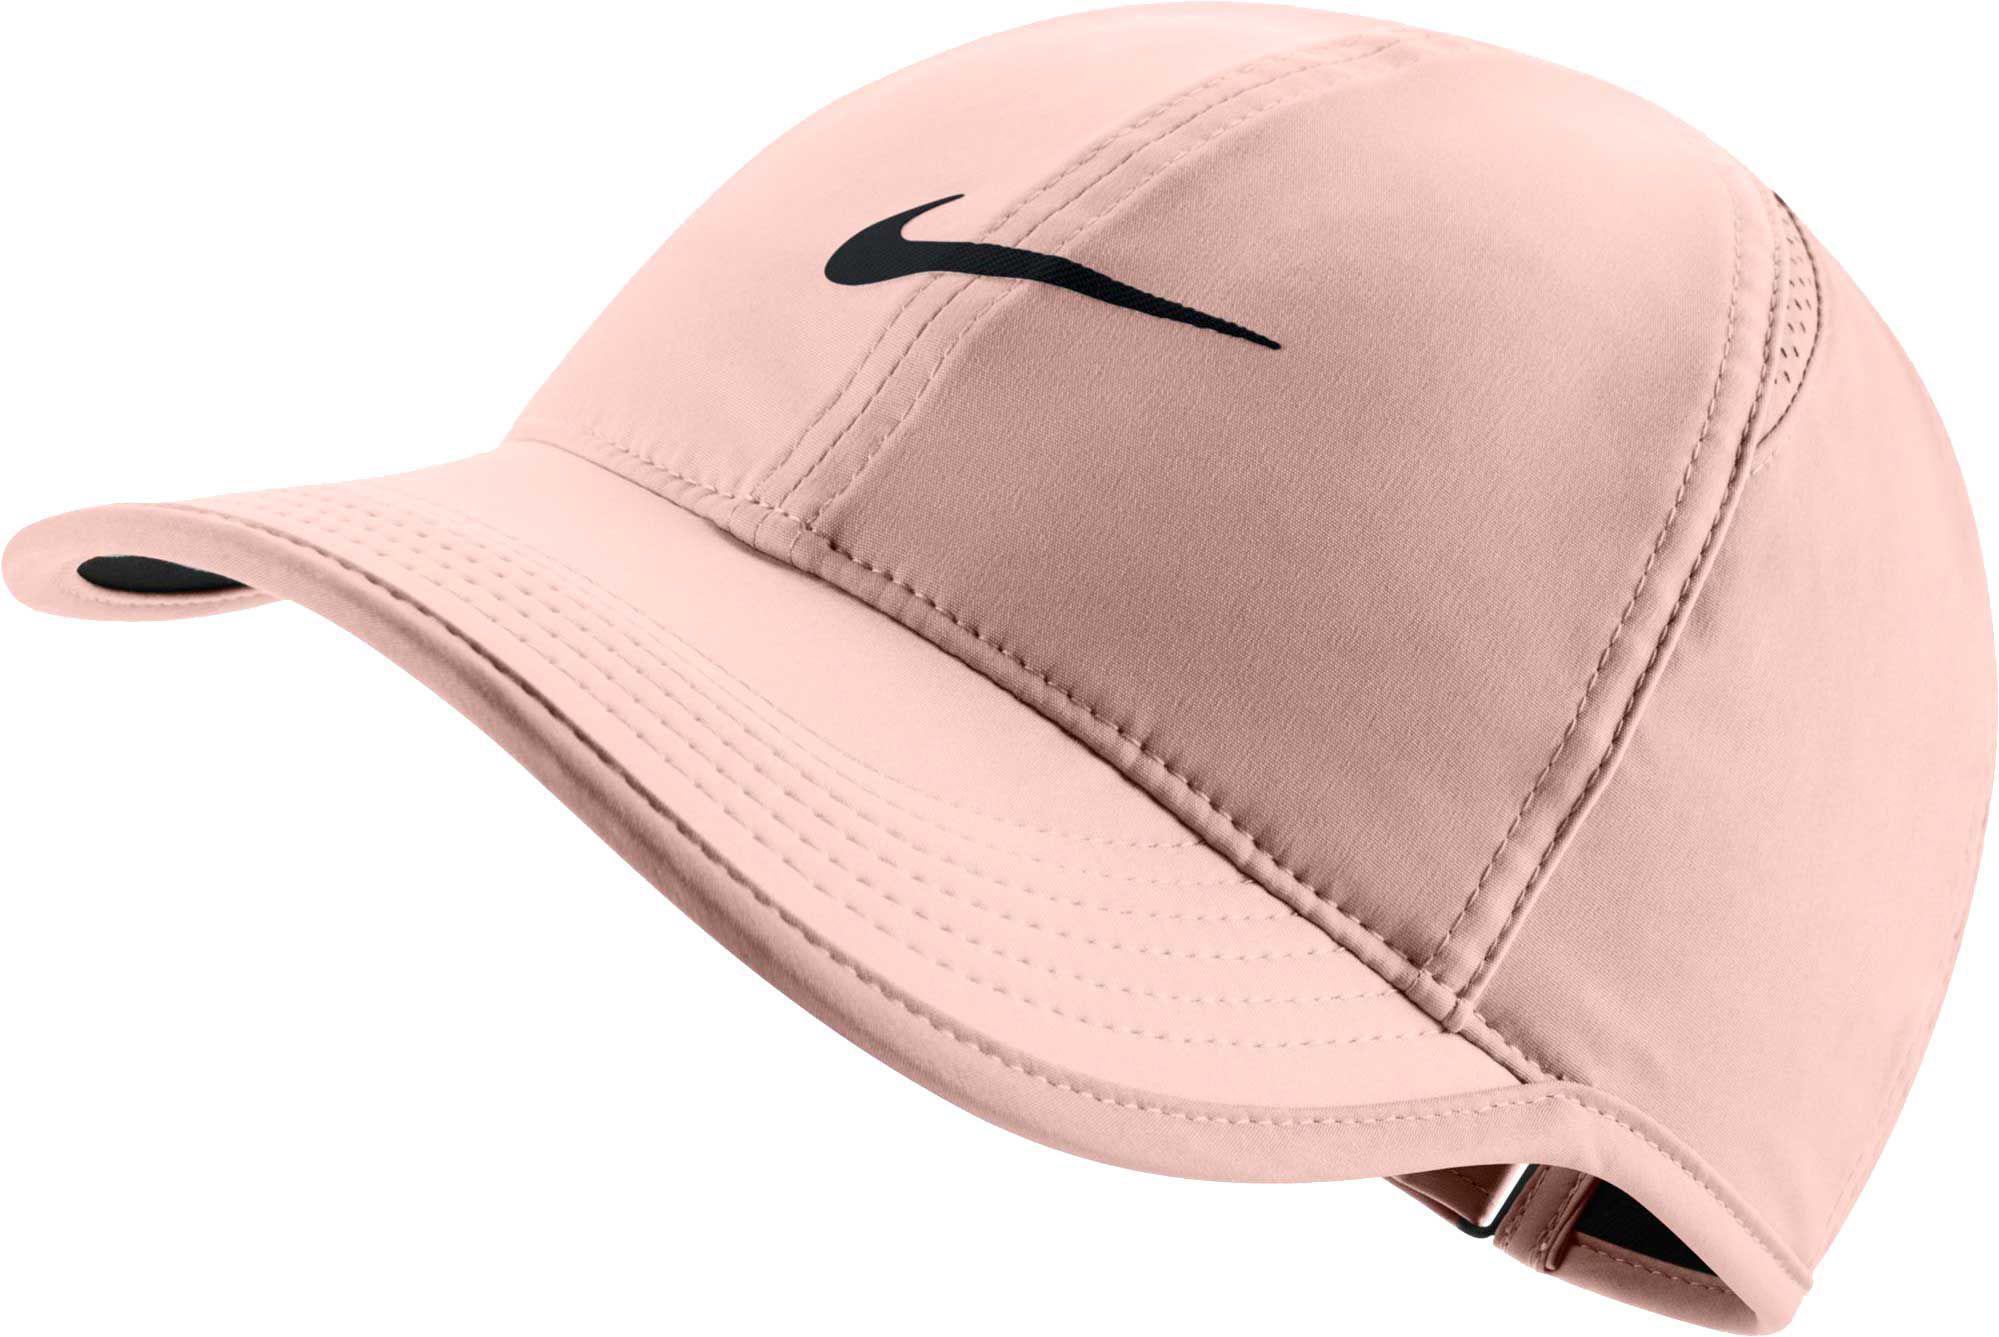 ... dri fit adjust cap hat 93c5d a50de  discount code for nike. womens pink  feather light adjustable hat 35cbc 245c1 d3f06c311750